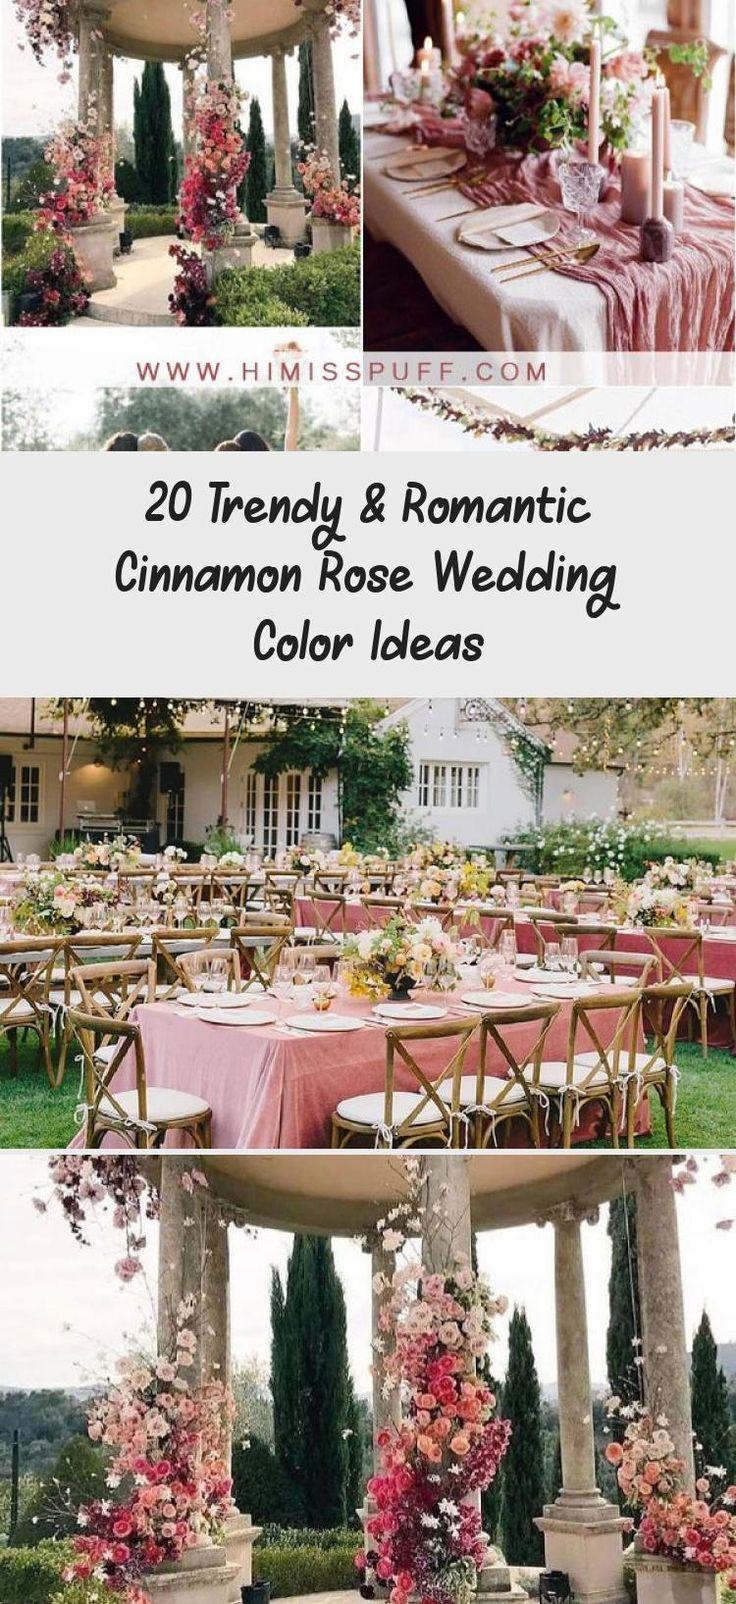 cinnamon rose dusty rose bridesmaid dresses #wedding #weddings #weddingideas #weddingcolors #weddinginspiration #himisspuff #BridesmaidDressesBeach #BridesmaidDressesTurquoise #ModestBridesmaidDresses #TaupeBridesmaidDresses #BridesmaidDressesCountry